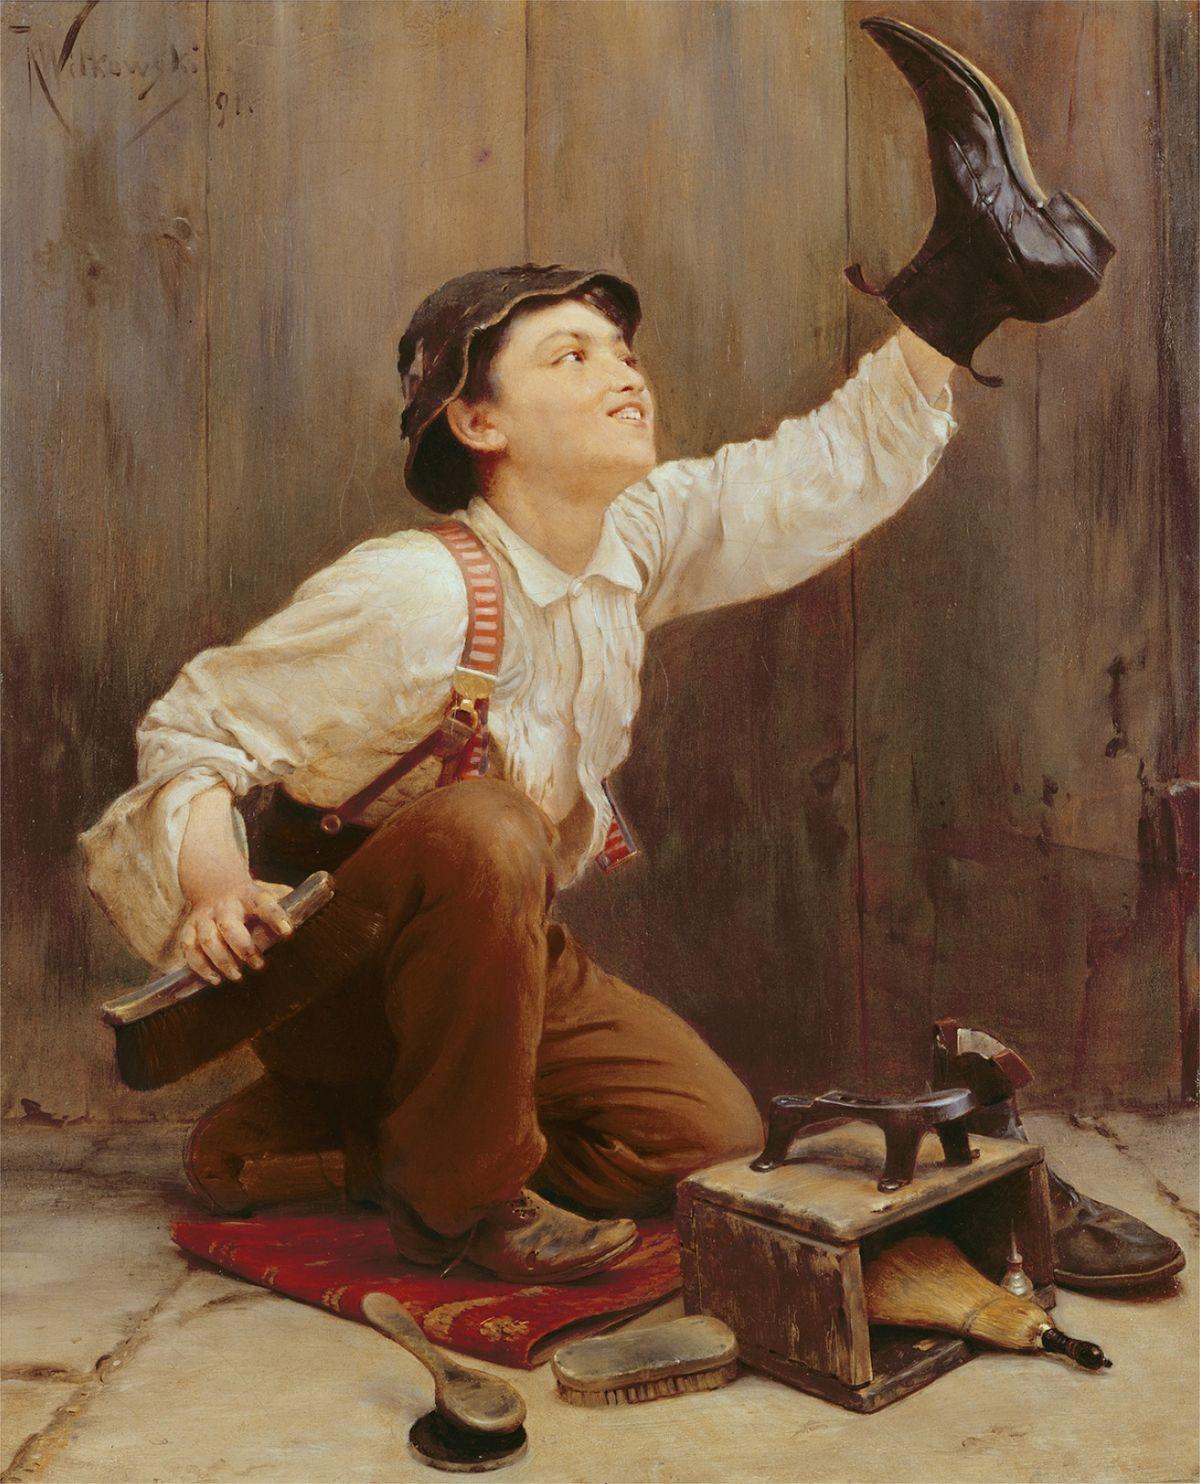 Czyścibut, obraz Karla Witkowskiego z 1891 roku.